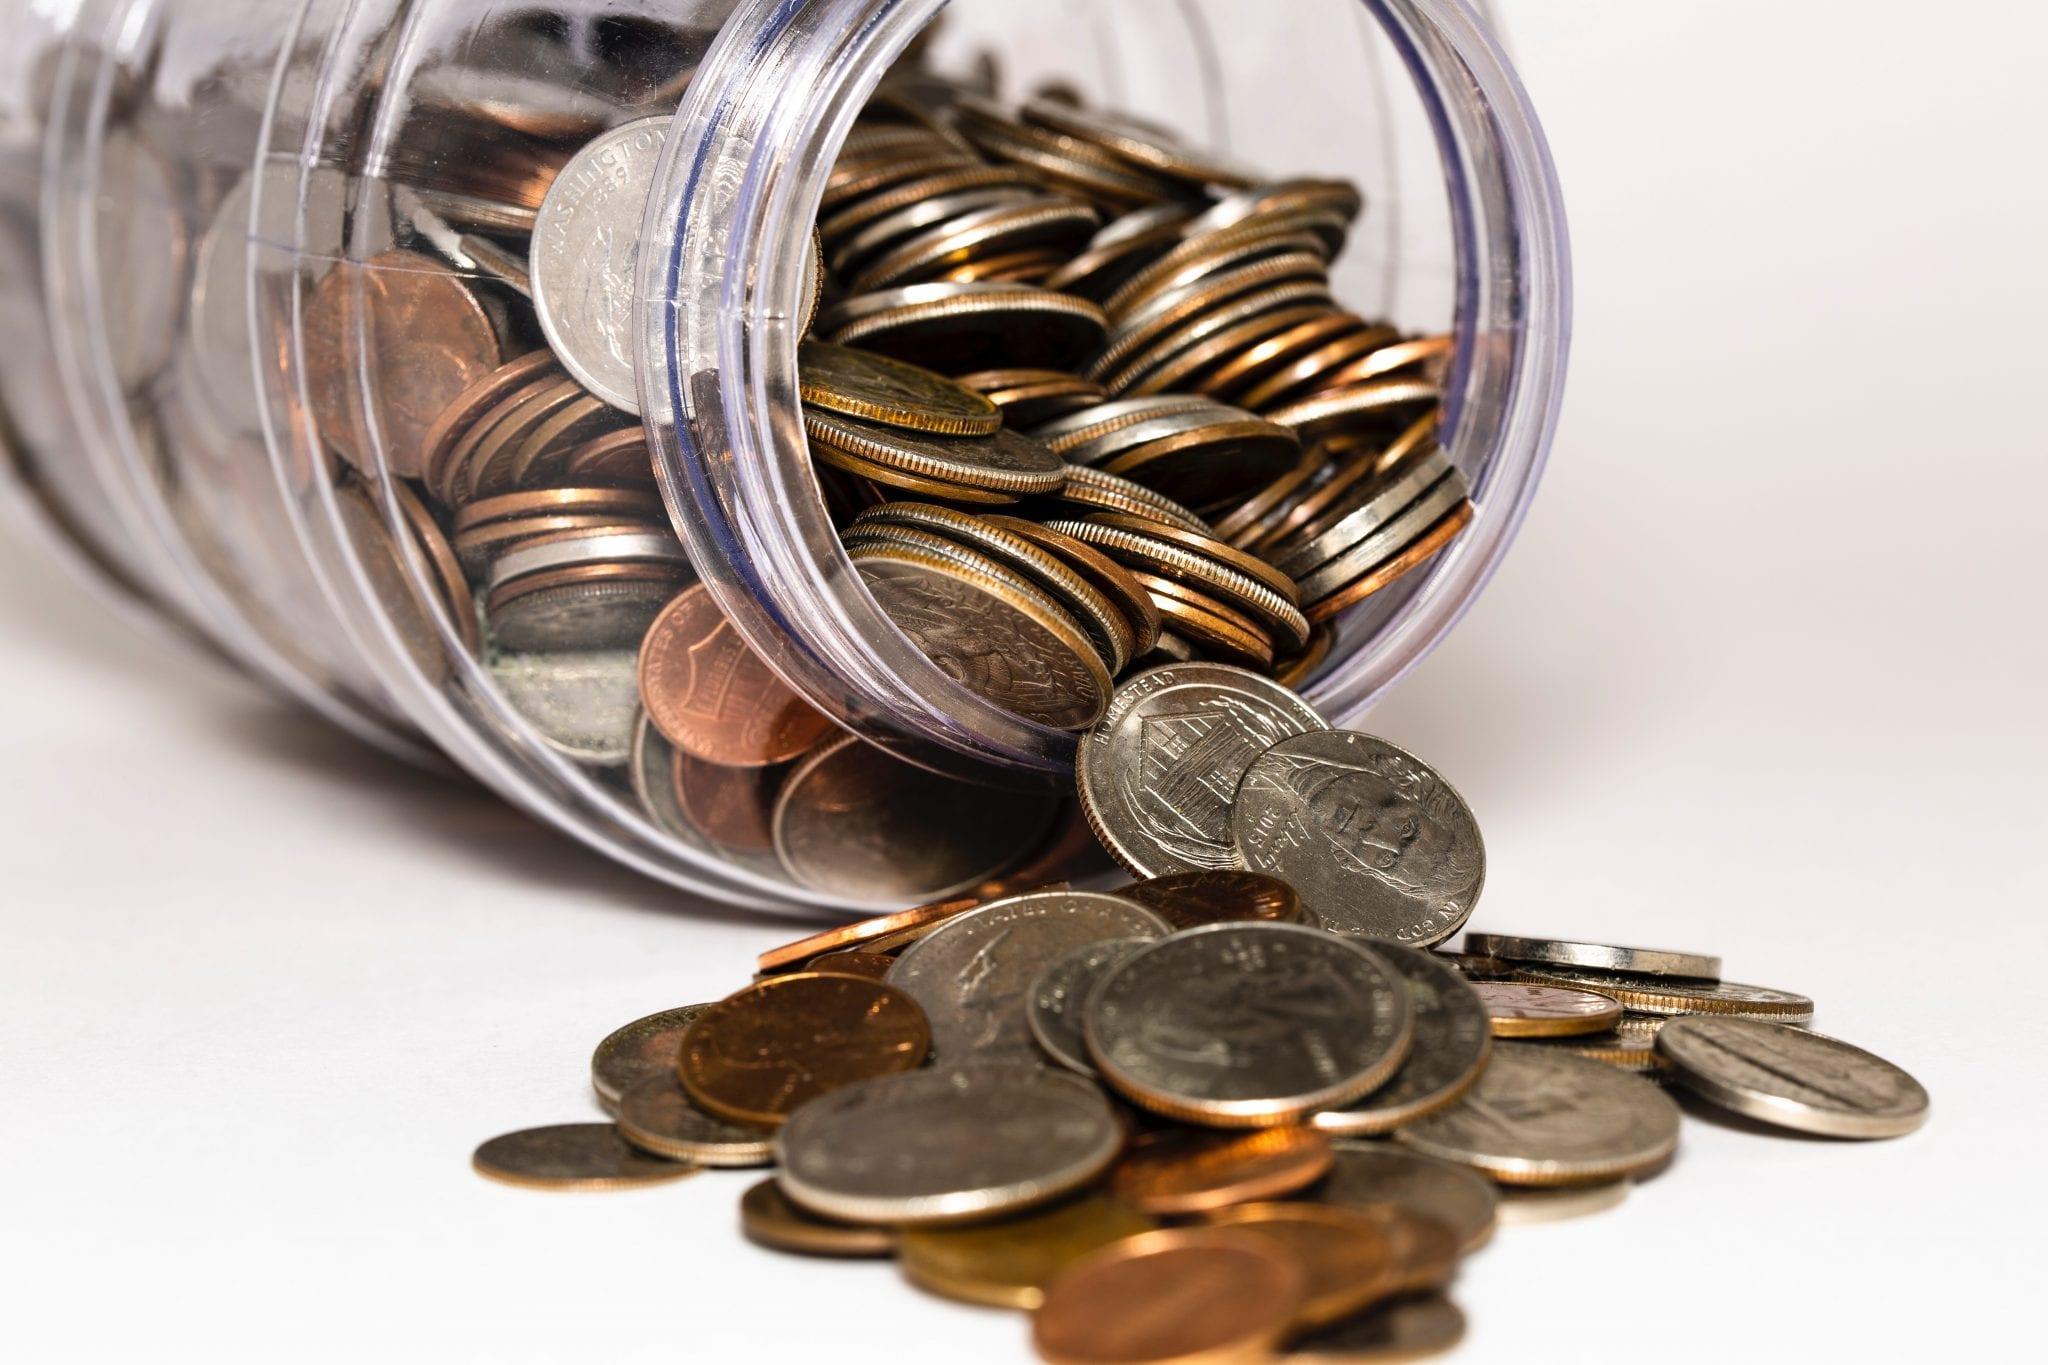 Les frais de notaire dans le cadre d'un achat immobilier